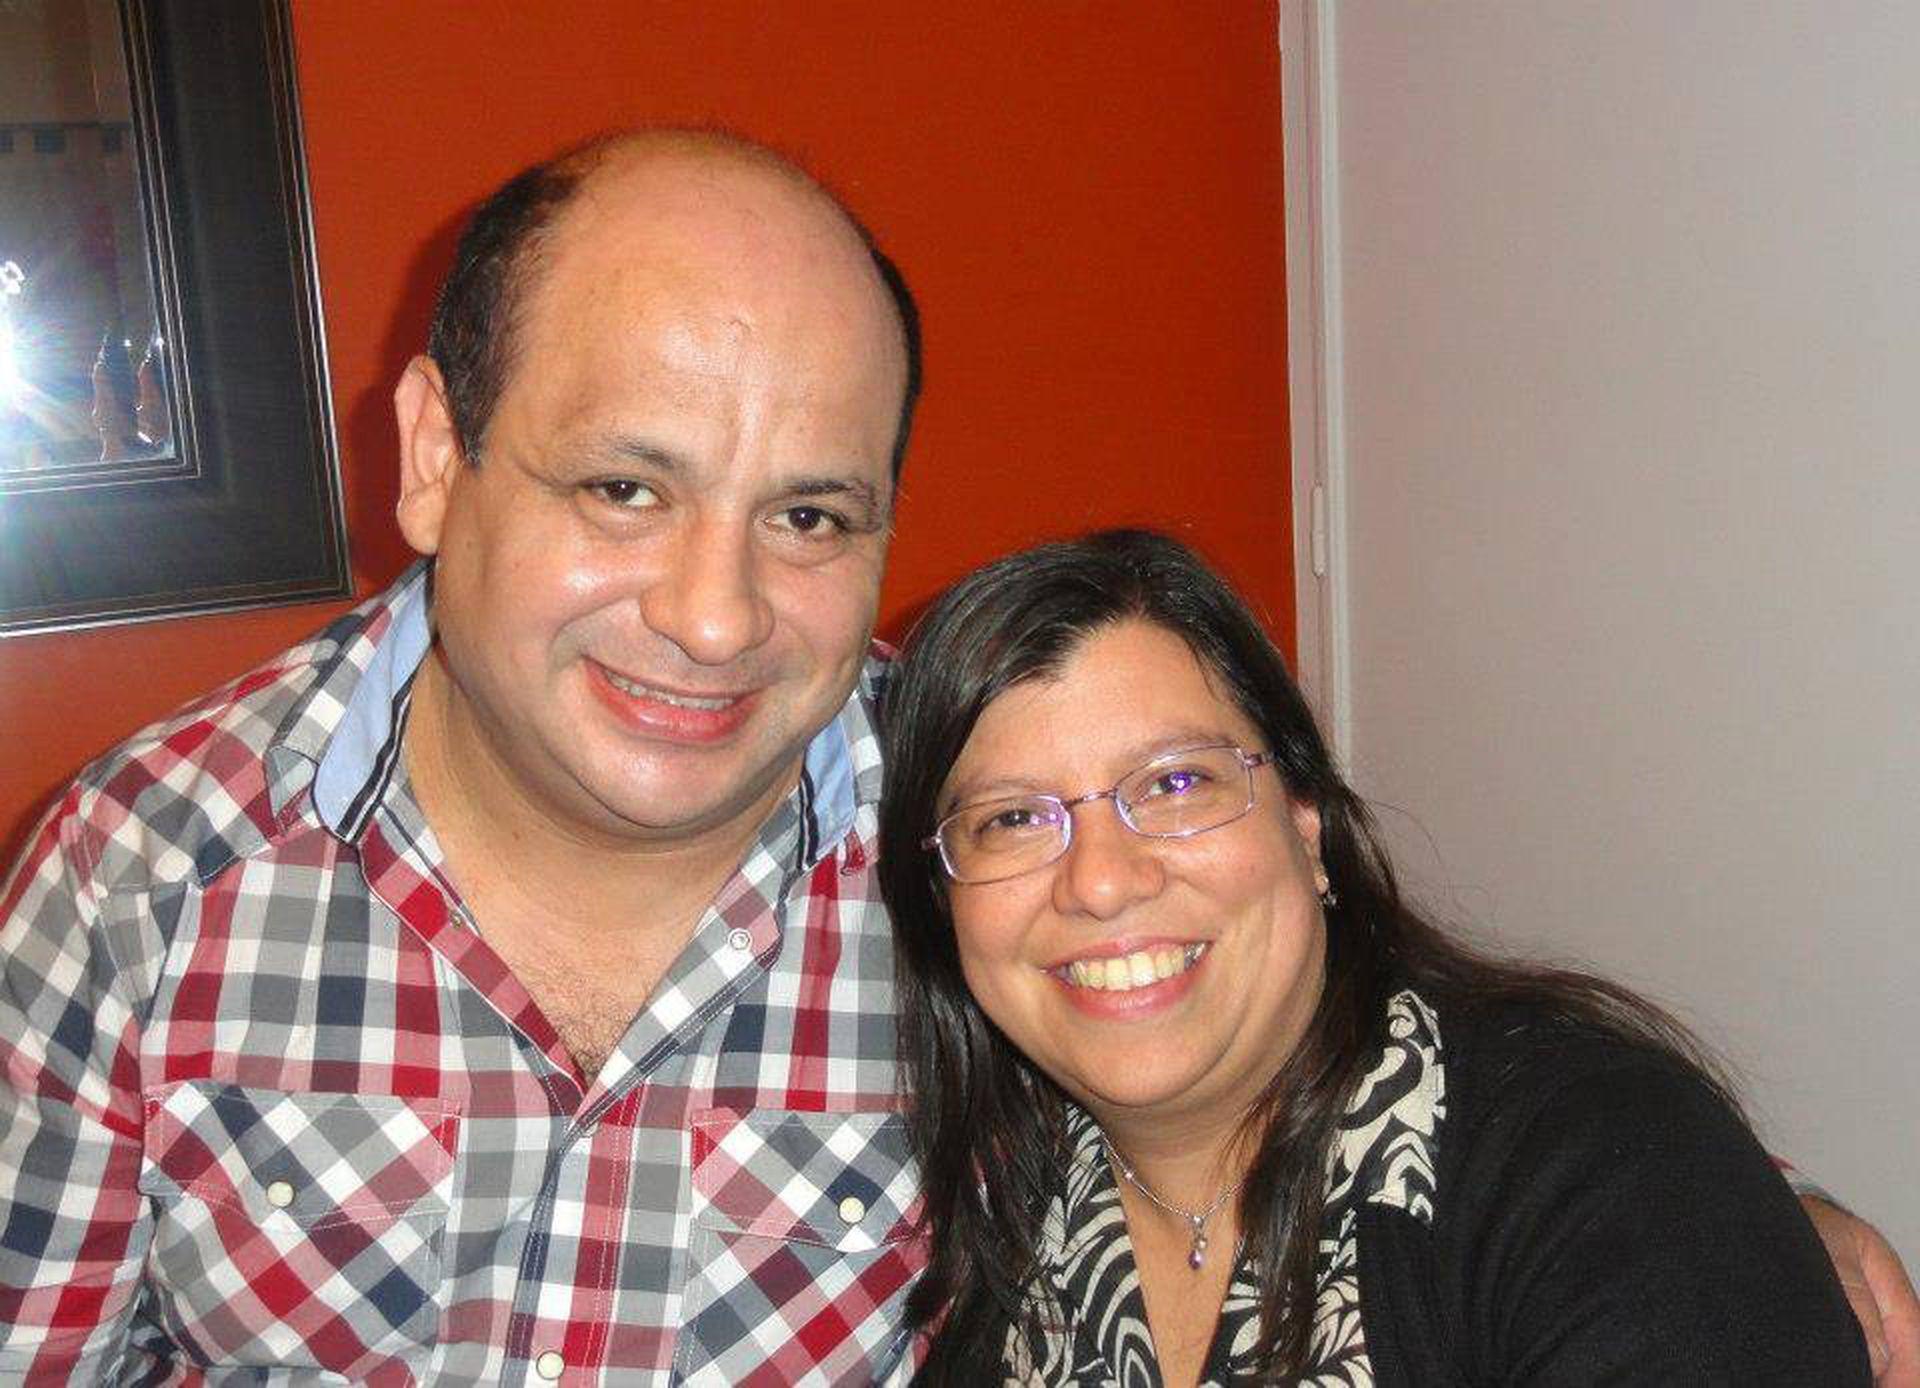 Víctor junto a Roxana, su pareja